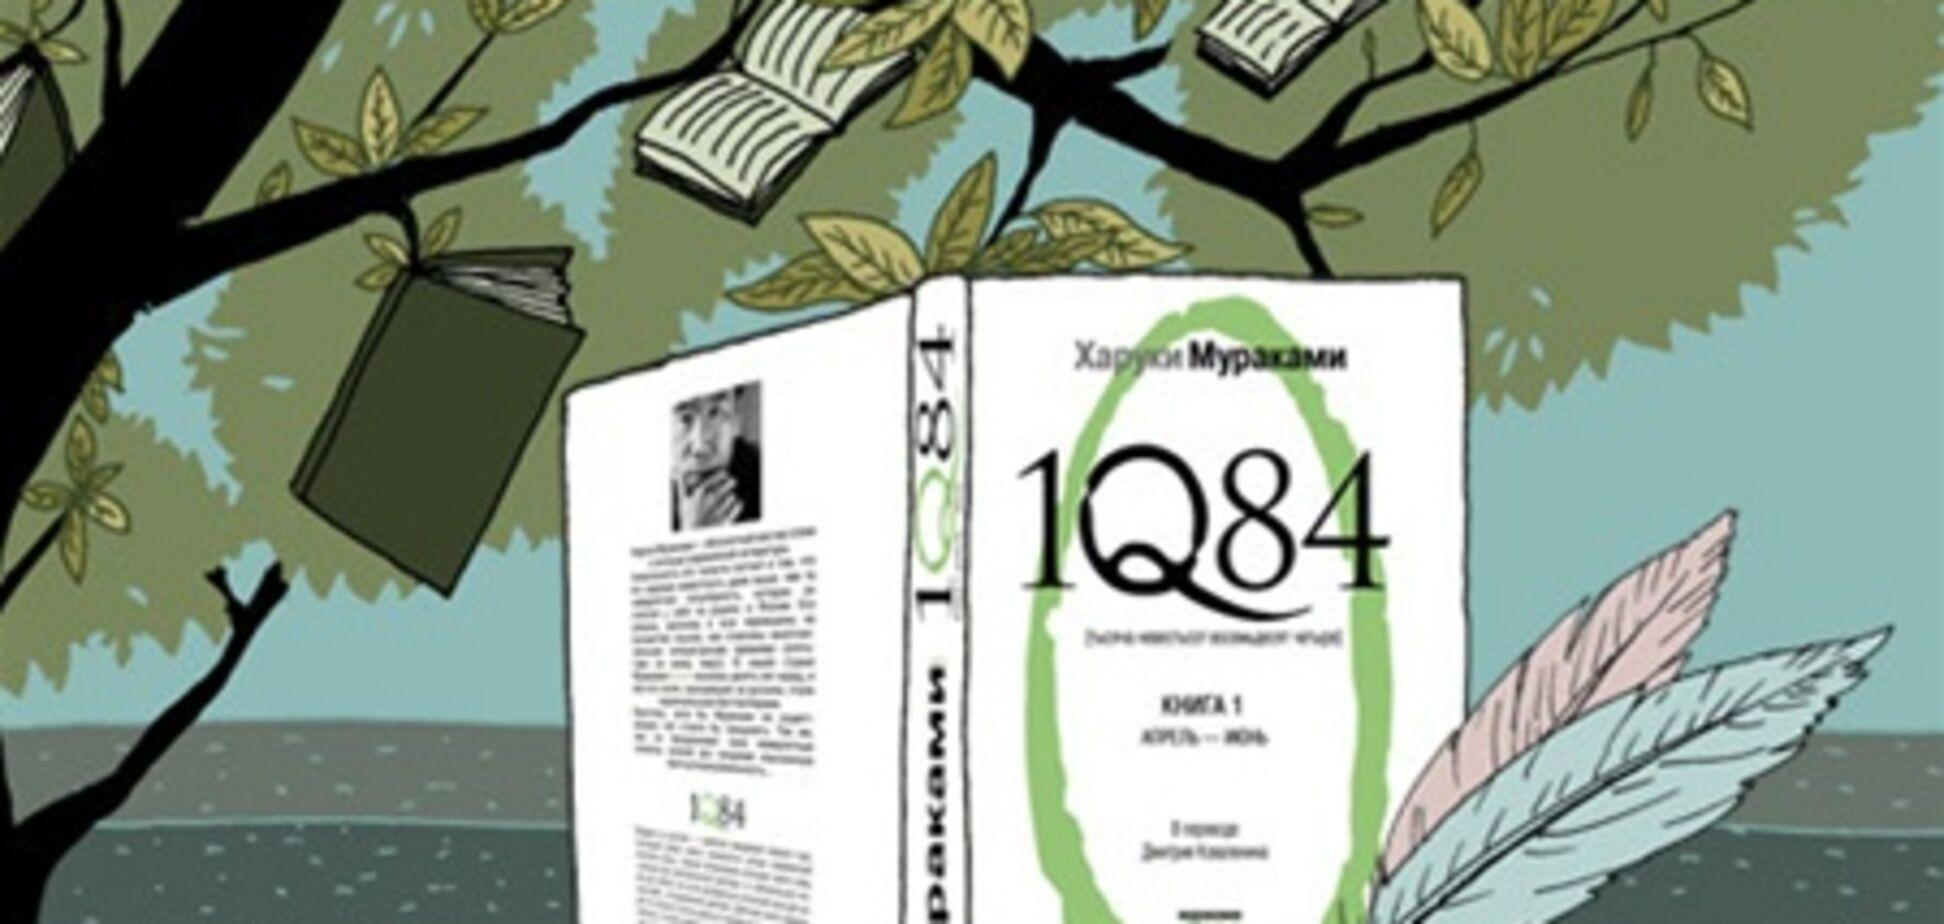 Тимошенко читає книгу про жінку, яка вбивала чоловіків